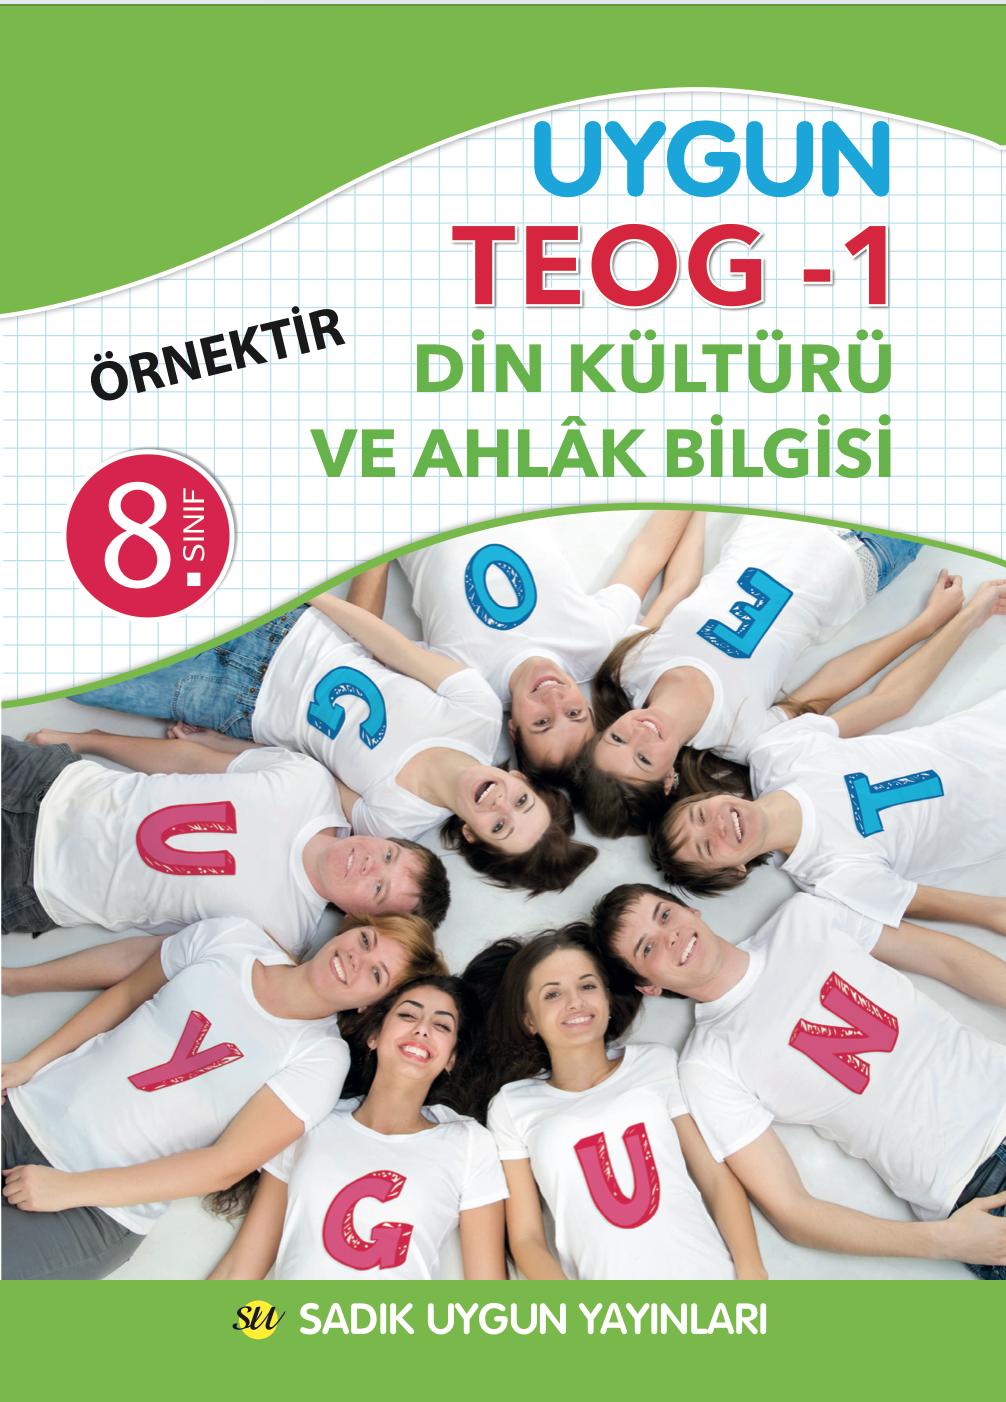 Uygun TEOG 1 – Din Kültürü ve Ahlak Bilgisi Kitabı